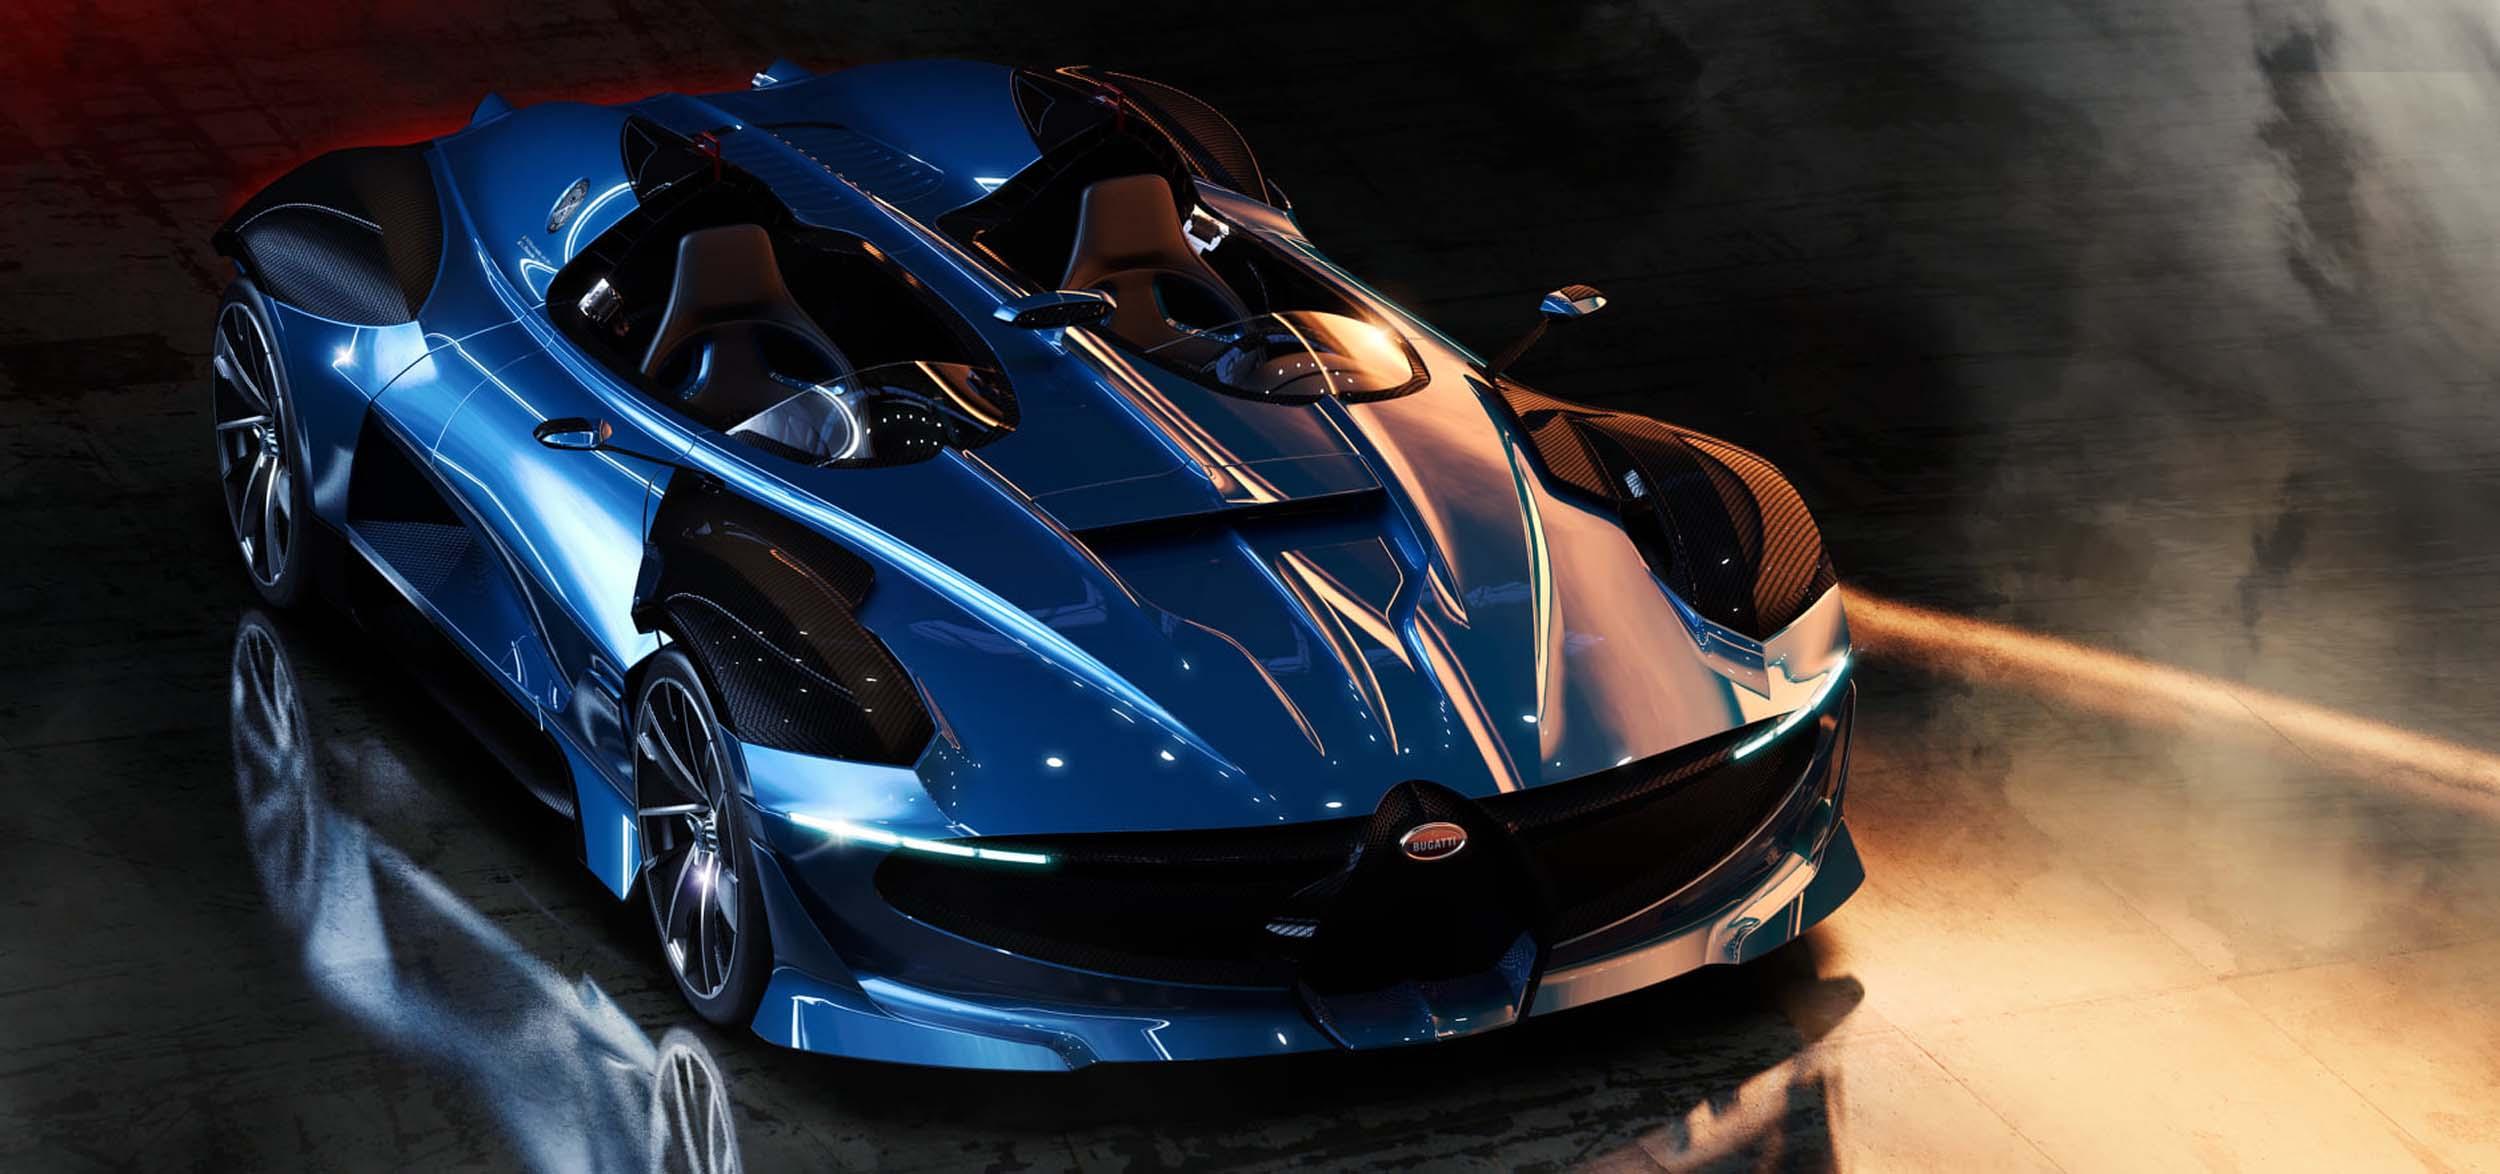 Design concept: Bugatti Type 251 Evo (2020)